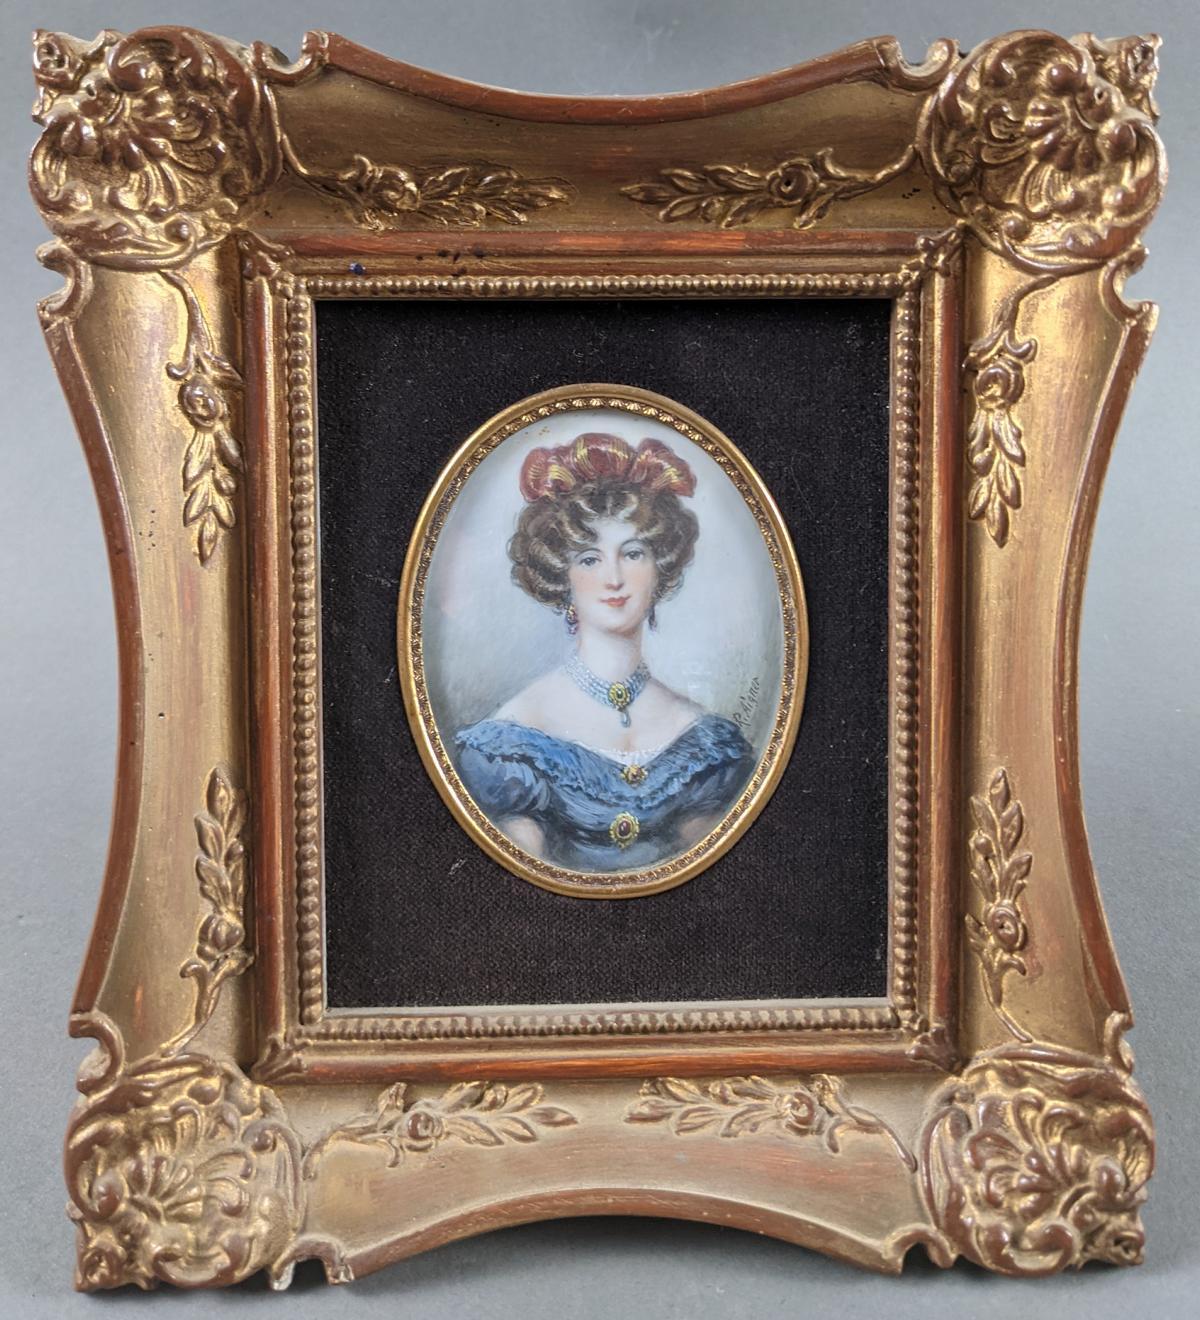 R. Aigner, Elfenbeinminiatur um 1900, Damenportrait